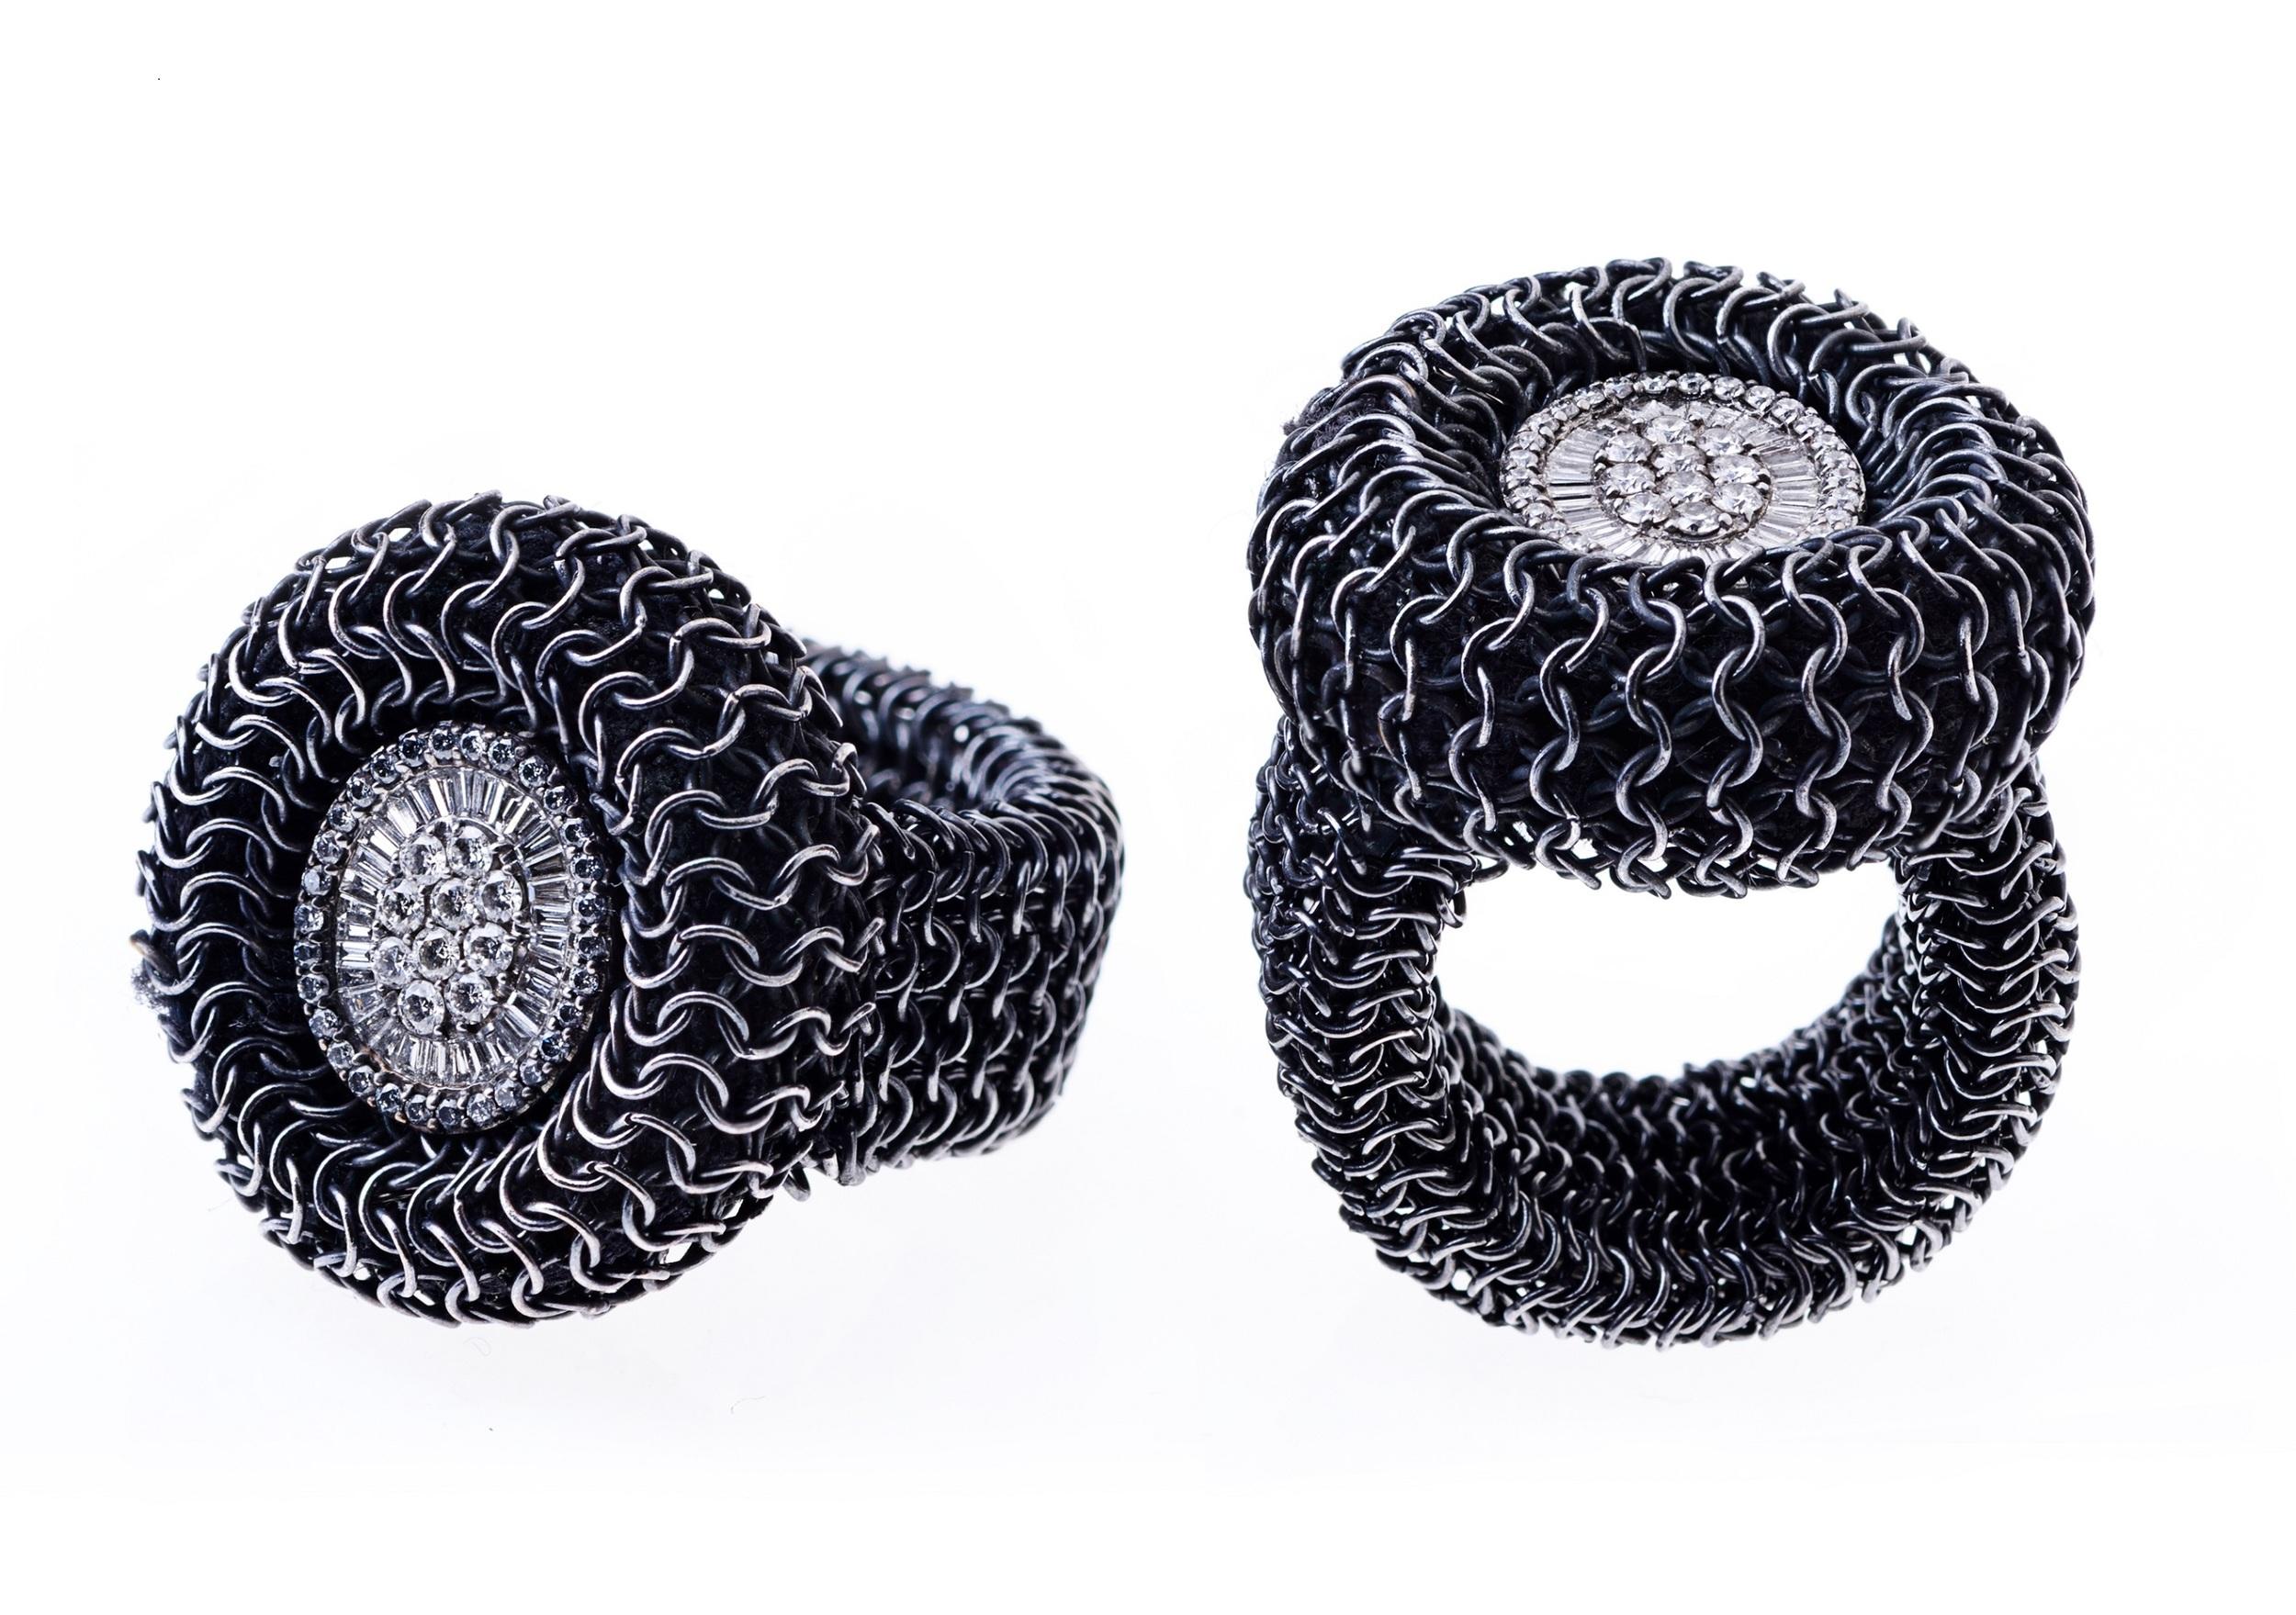 HEDY MARTINELLI - Coppia di anelli in rete d'argento brunito con brillanti.jpg